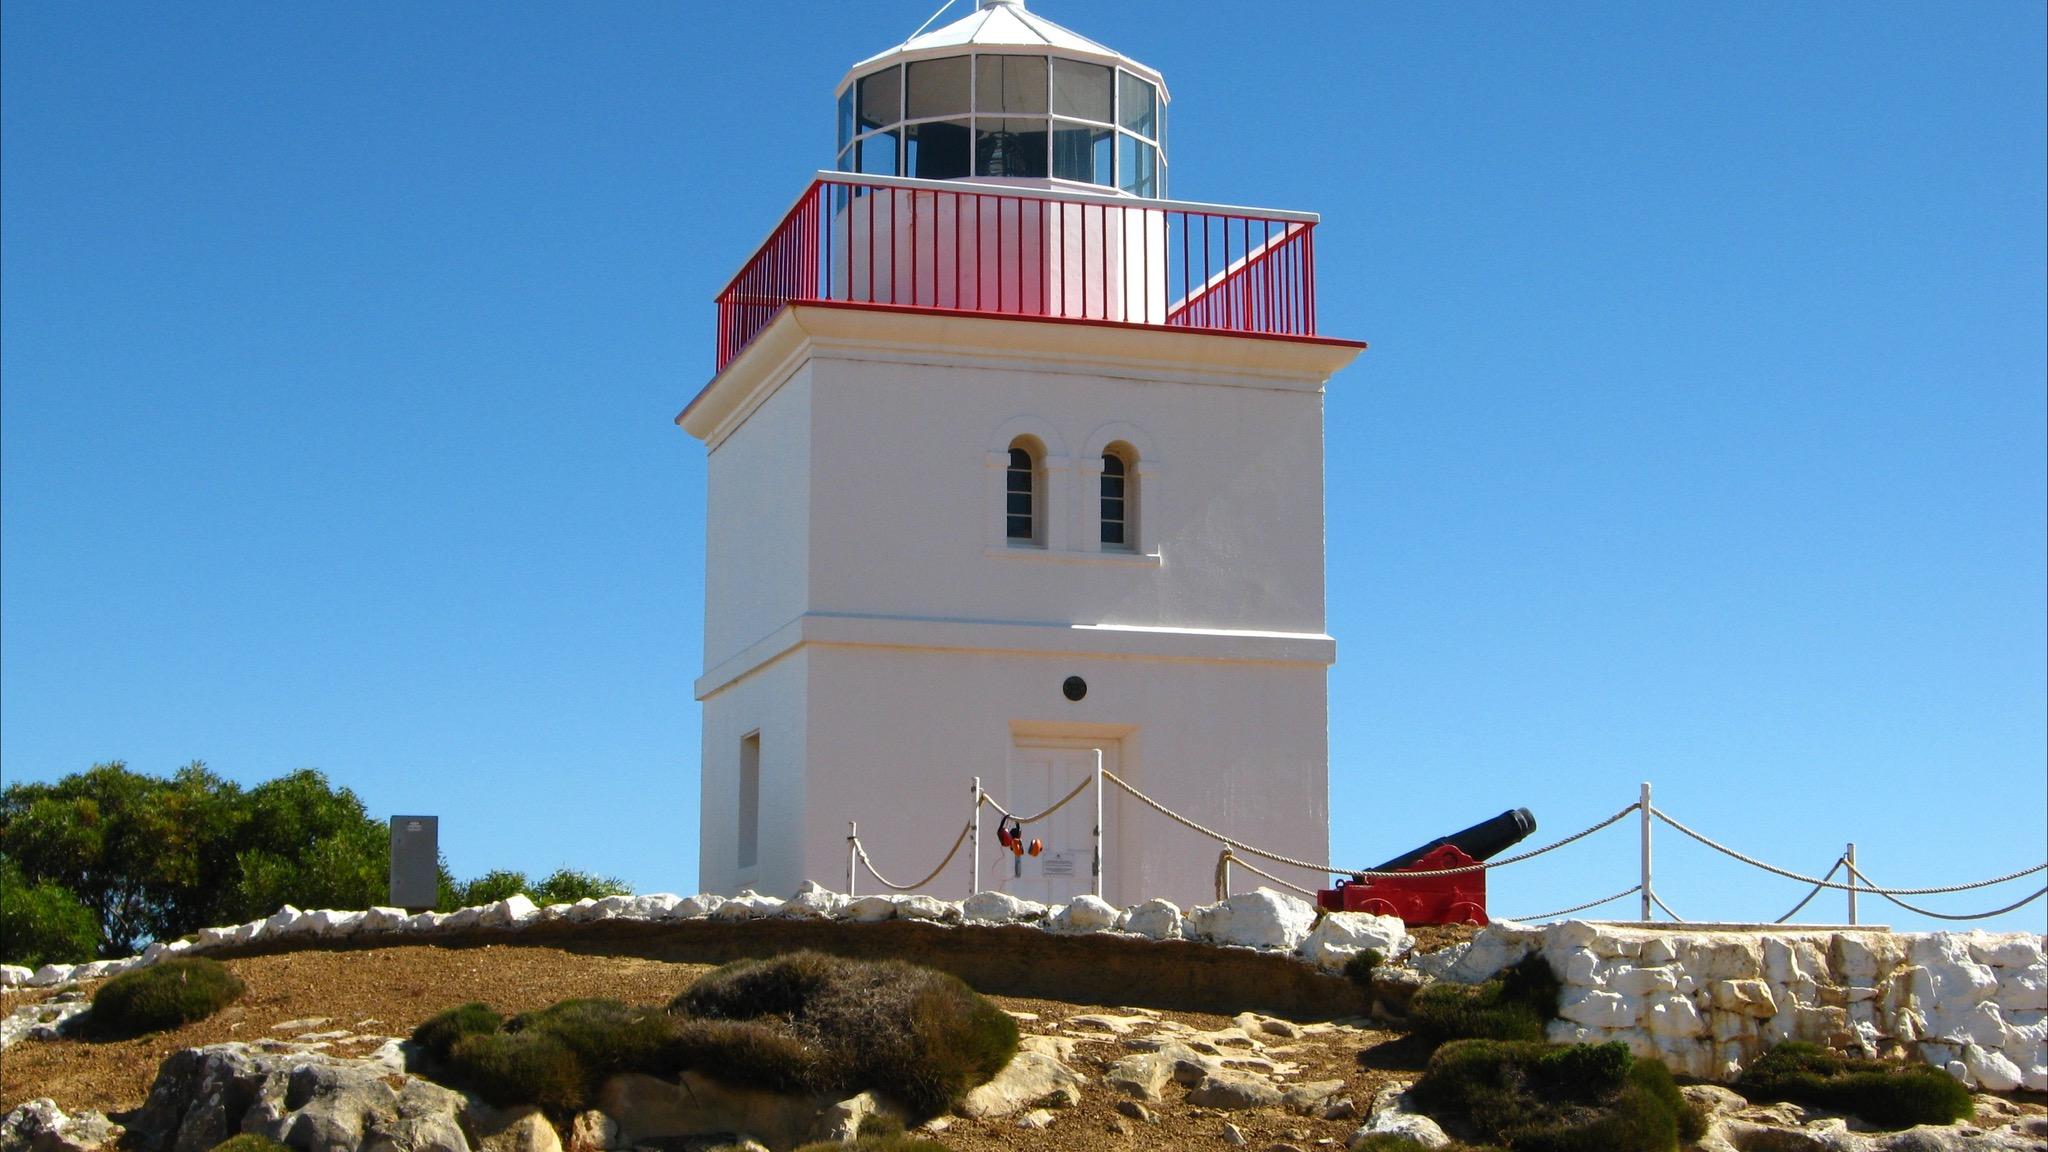 Cape Borda Lighthouse Keepers Heritage Accommodation